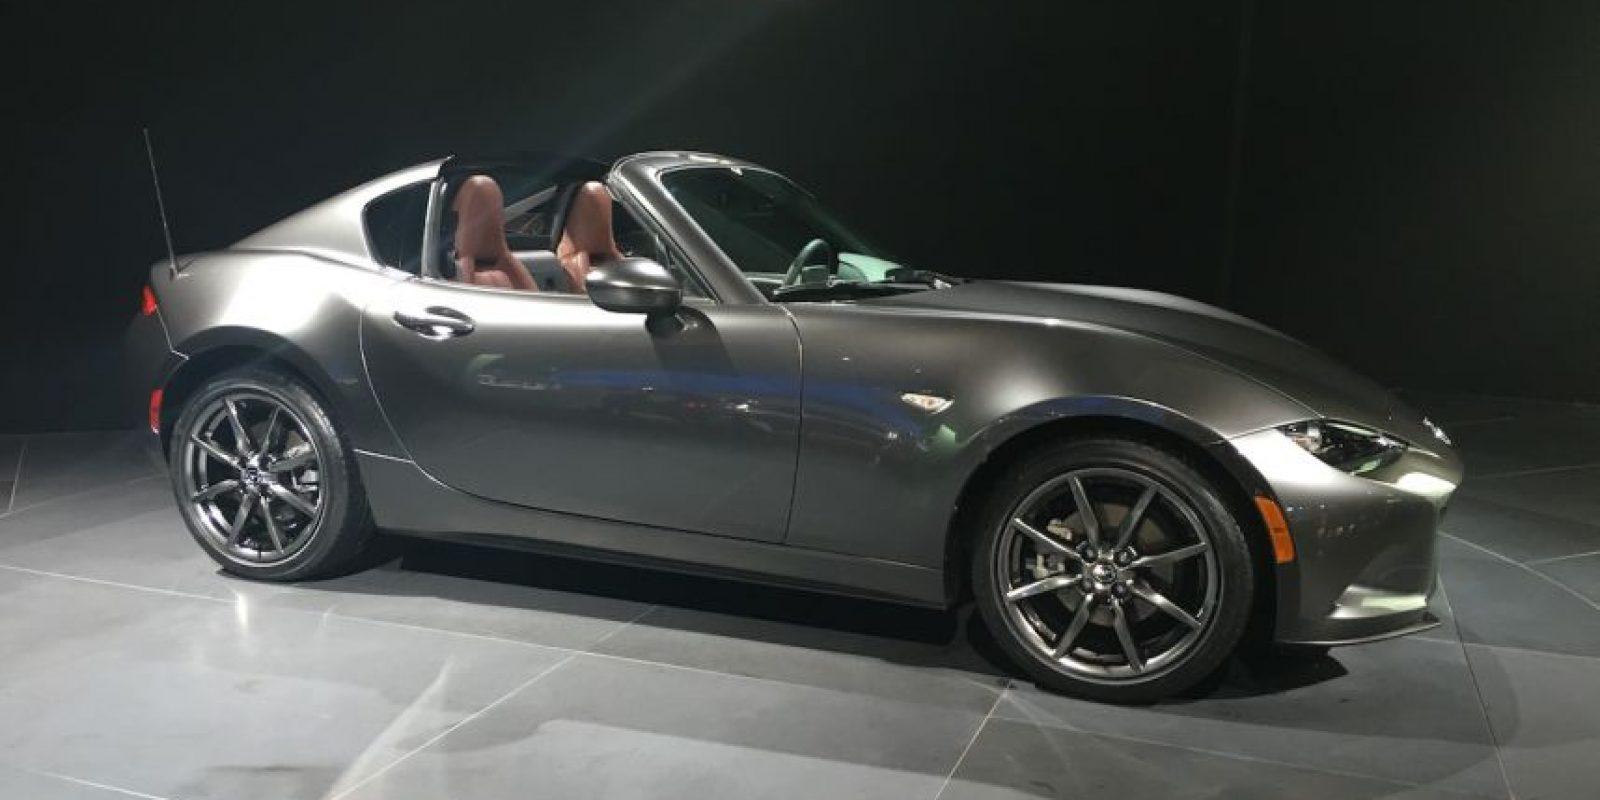 Mazda presentó en el NYIAS la nueva generación del MX-5 R, que llegará con dos motores de gasolina a escoger. Foto:Víktor Rodríguez-Velázquez. Imagen Por: